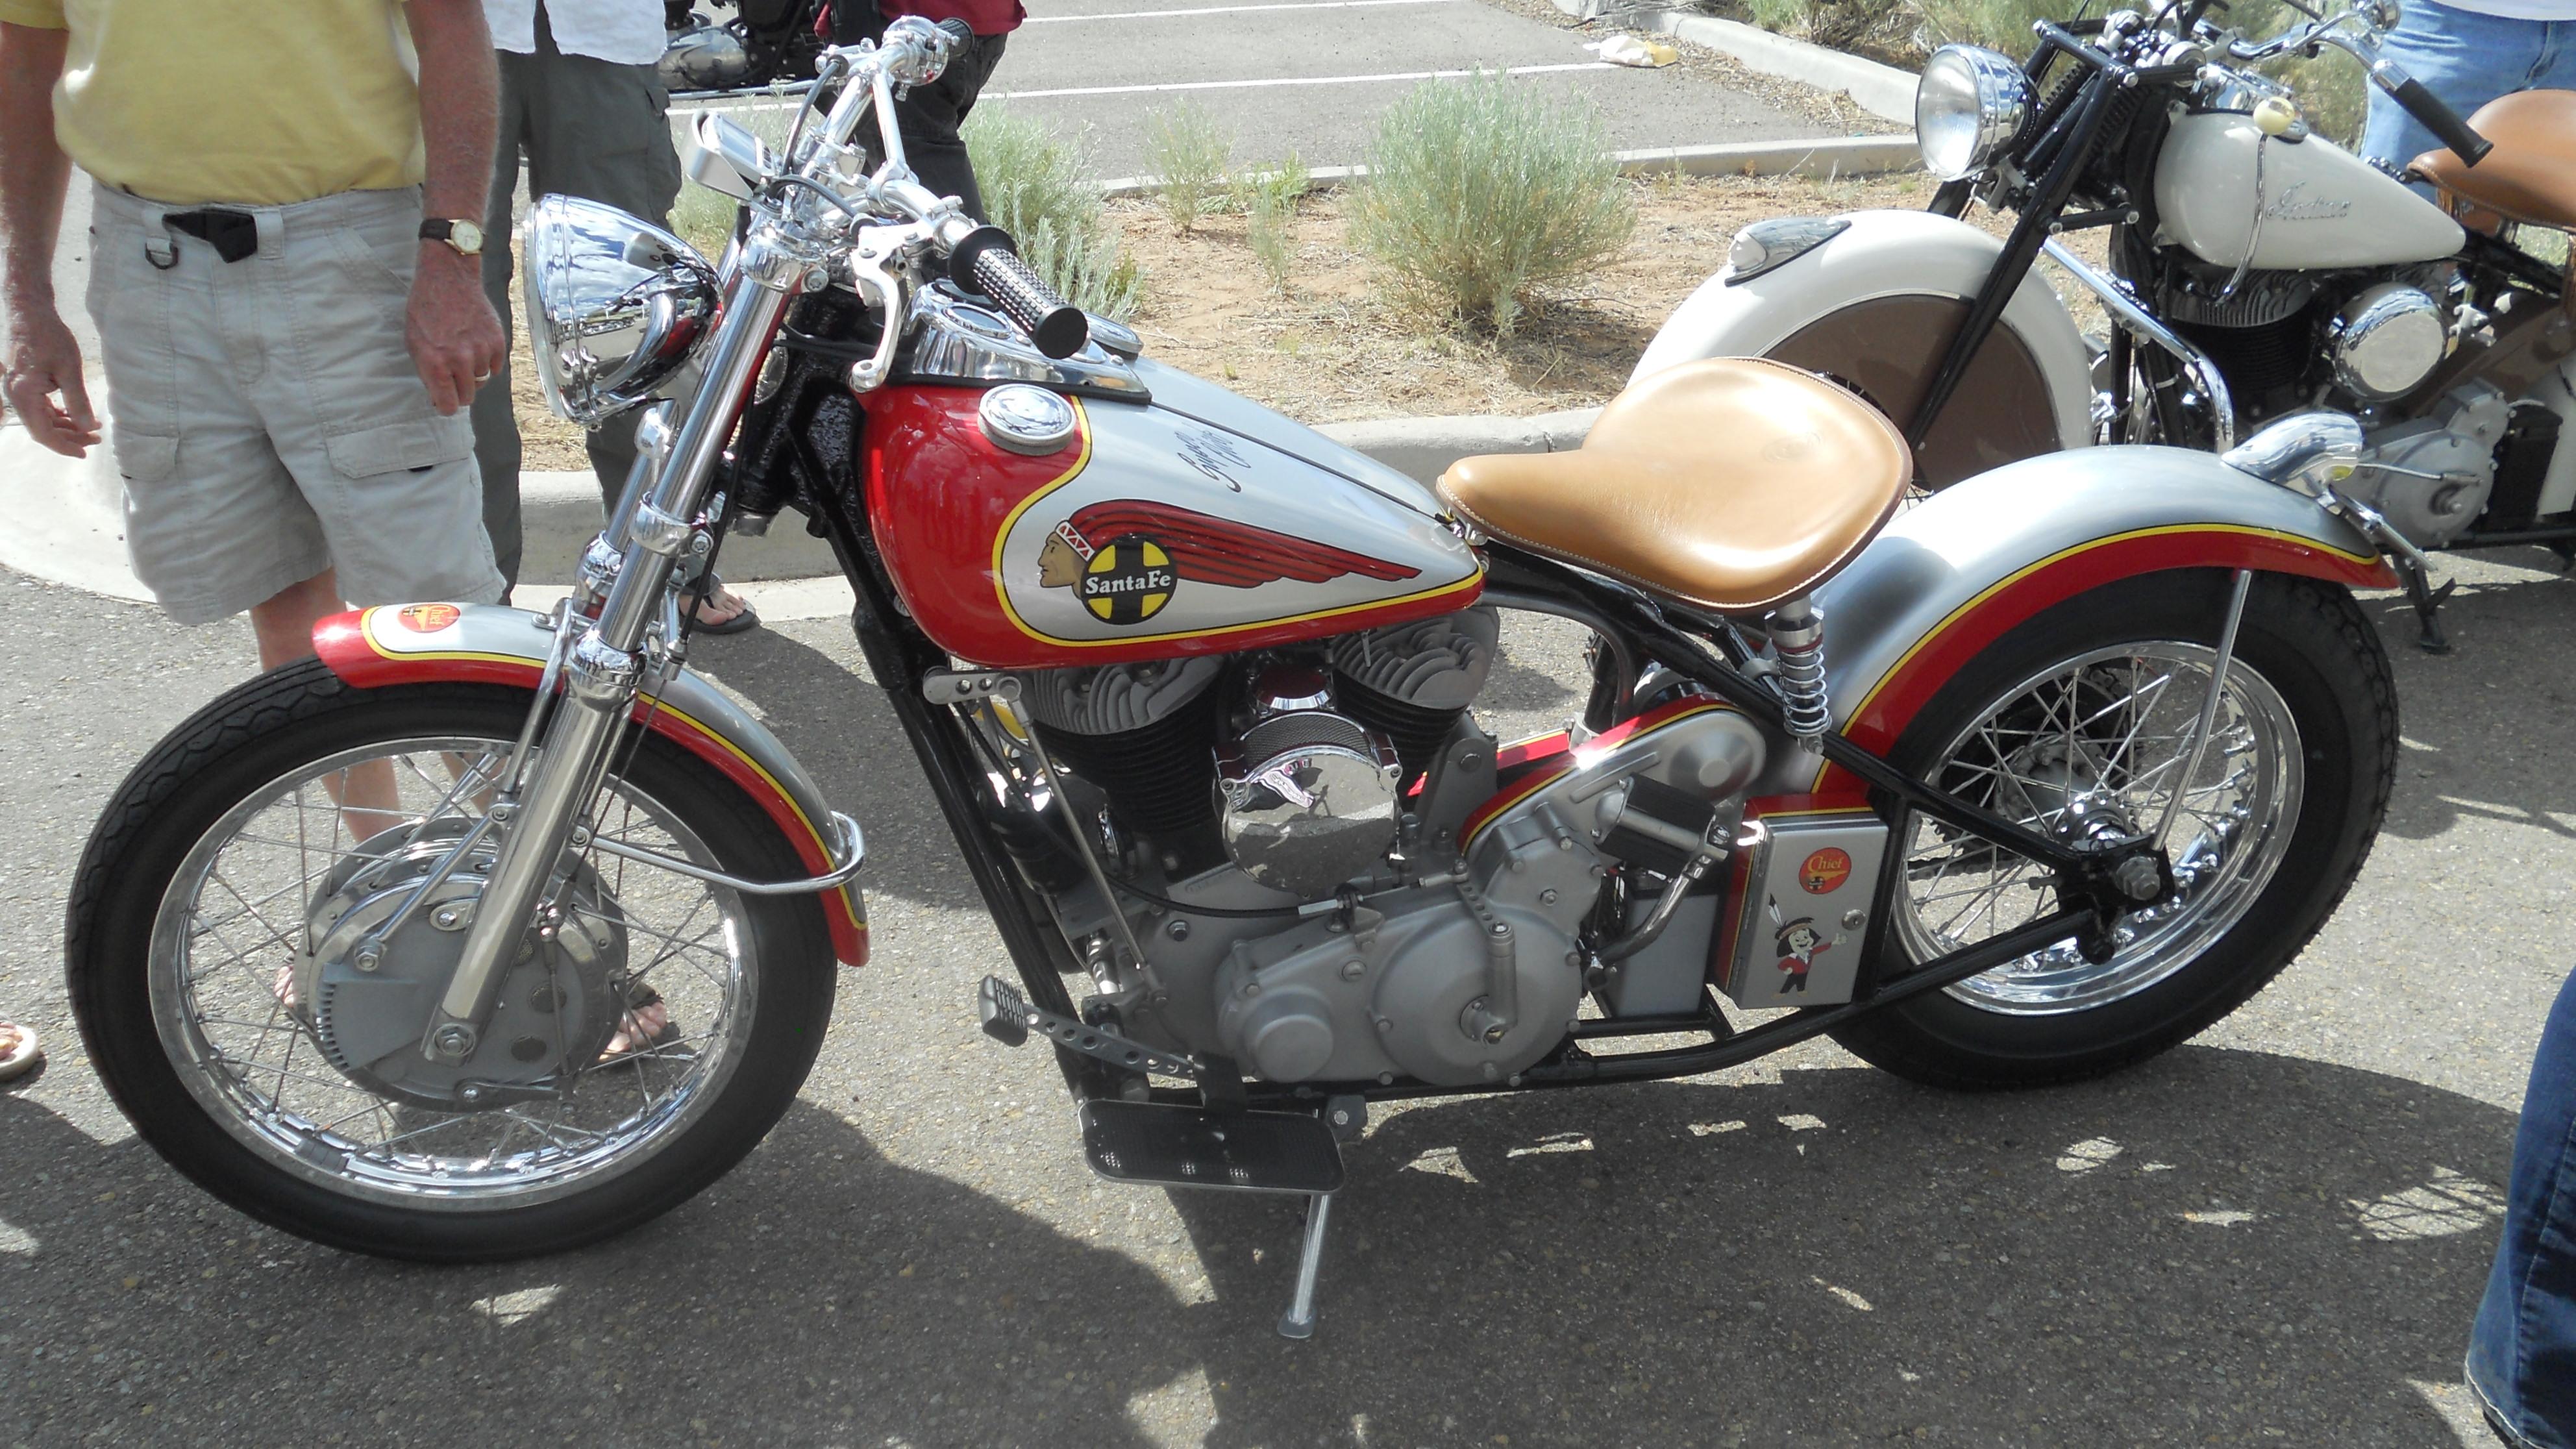 eld0rado motorcycle show june 2012 010.JPG